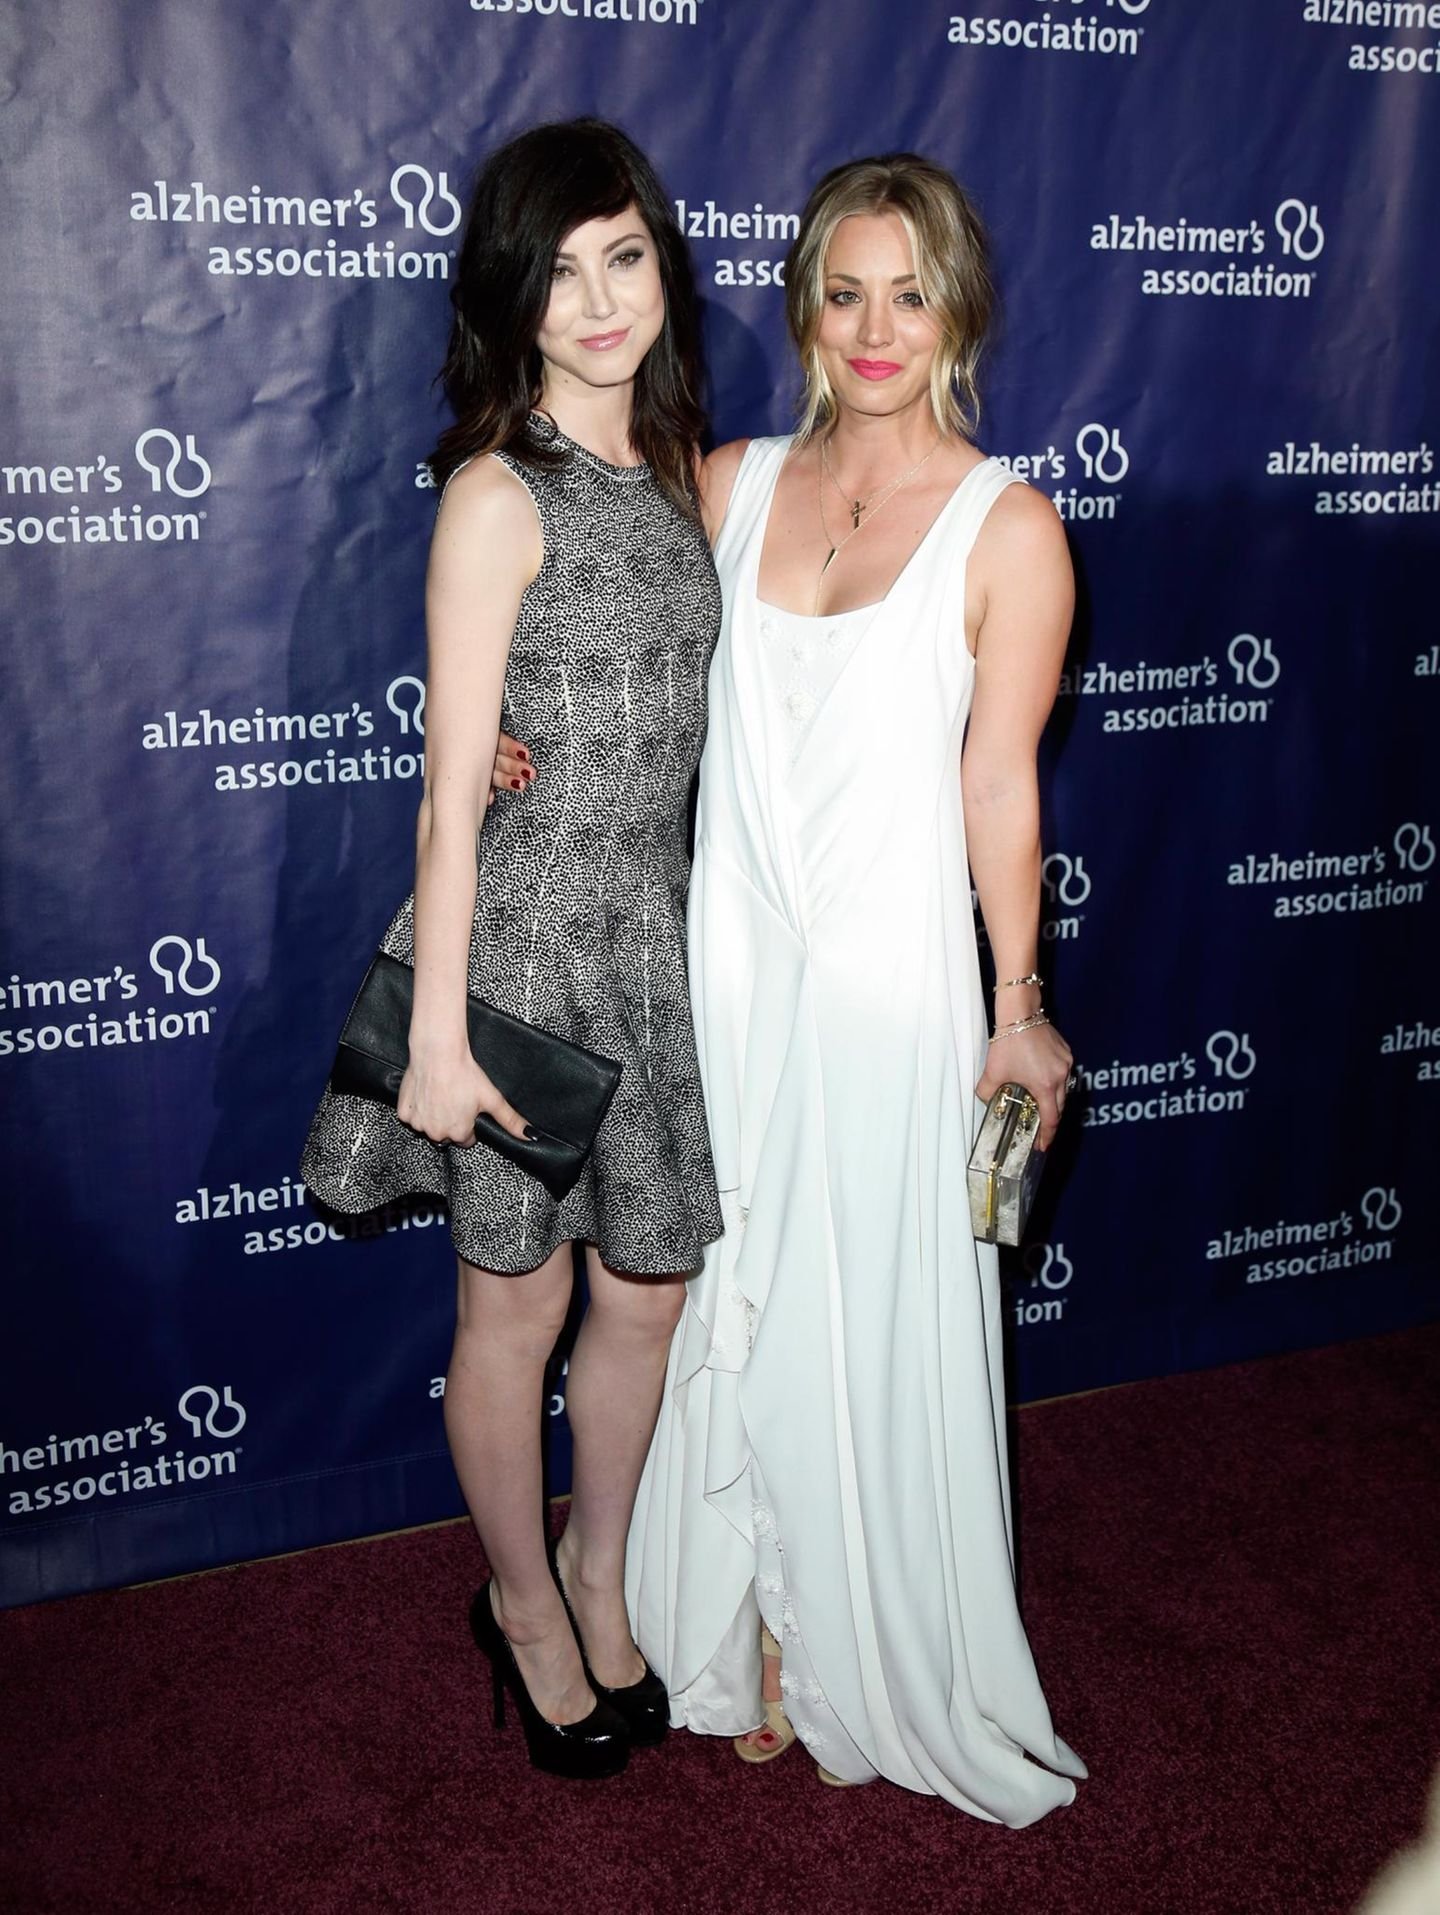 """Kaley und Briana Cuoco  Schauspielerin Kaley Cuoco und ihre Schwester Briana besuchen zusammen eine Veranstaltung der """"Alzheimer's Association"""" in Beverly Hills. Briana Cuoco hat dort einen Auftritt als Sängerin."""